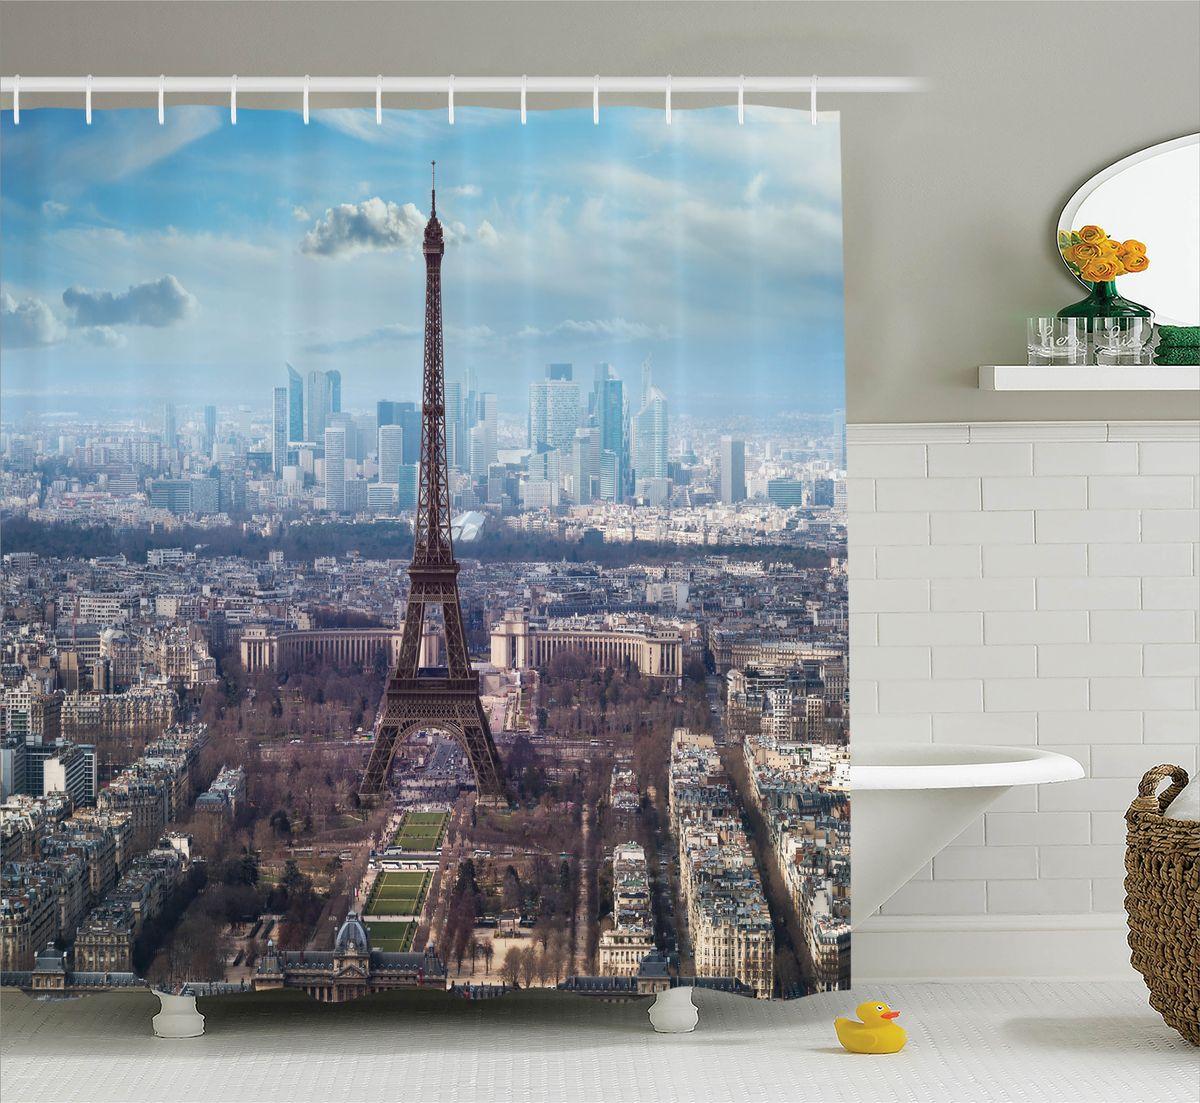 Штора для ванной комнаты Magic Lady Ранняя весна в Париже, 180 х 200 см68/5/3Штора Magic Lady Ранняя весна в Париже, изготовленная из высококачественного сатена (полиэстер 100%), отлично дополнит любой интерьер ванной комнаты. При изготовлении используются специальные гипоаллергенные чернила для прямой печати по ткани, безопасные для человека.В комплекте: 1 штора, 12 крючков. Обращаем ваше внимание, фактический цвет изделия может незначительно отличаться от представленного на фото.